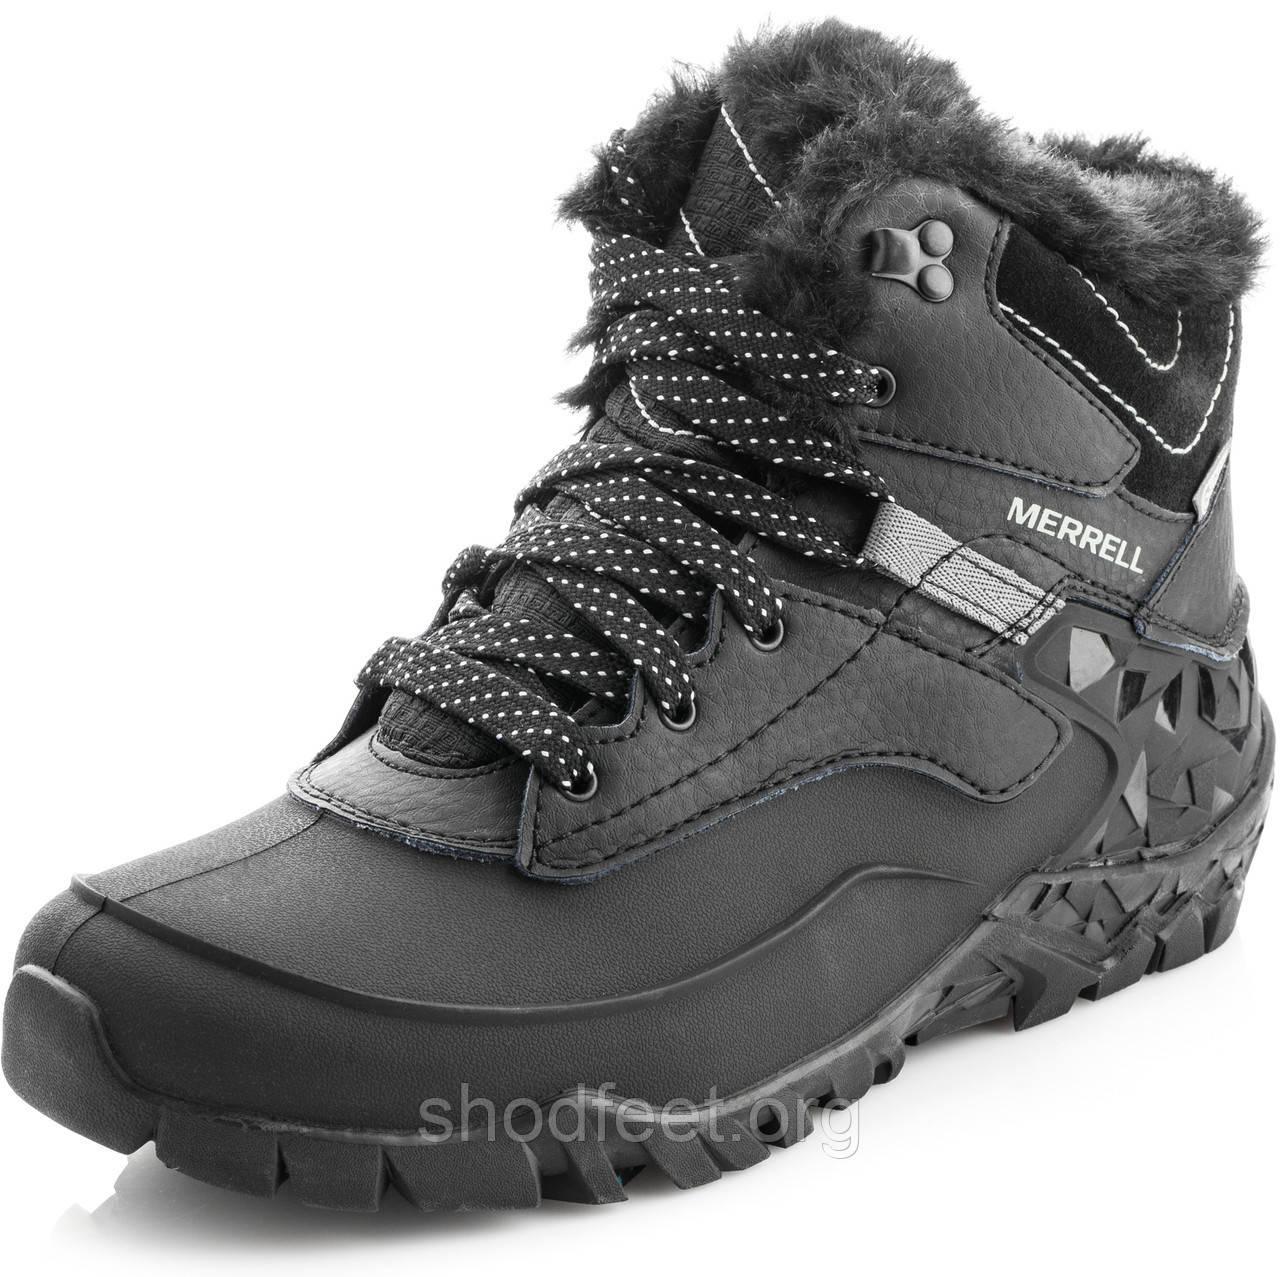 Жіночі черевики Merrell Aurora 6 Ice+ Waterproof J37216